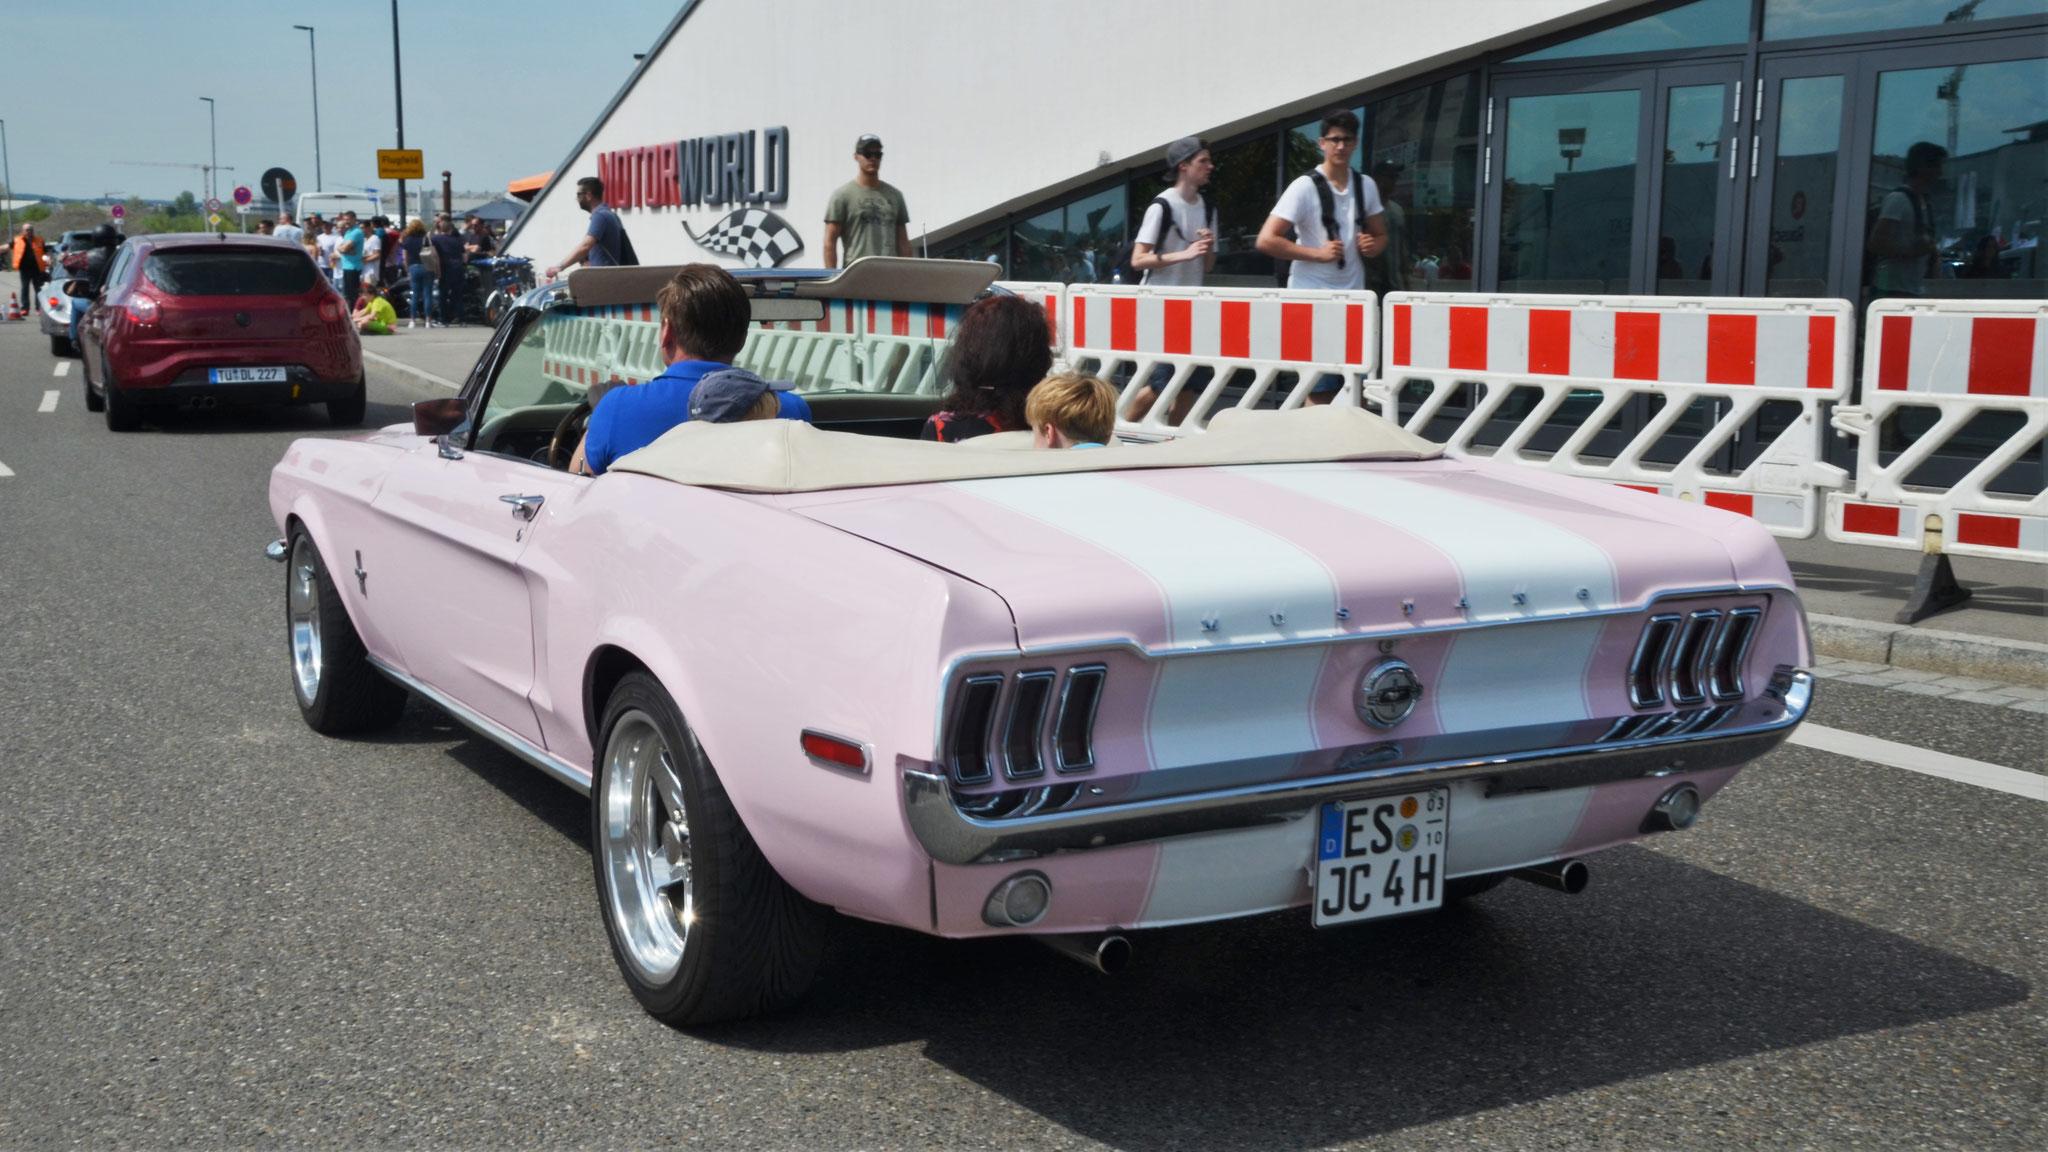 Mustang I Cabriolet - ES-JC-4H